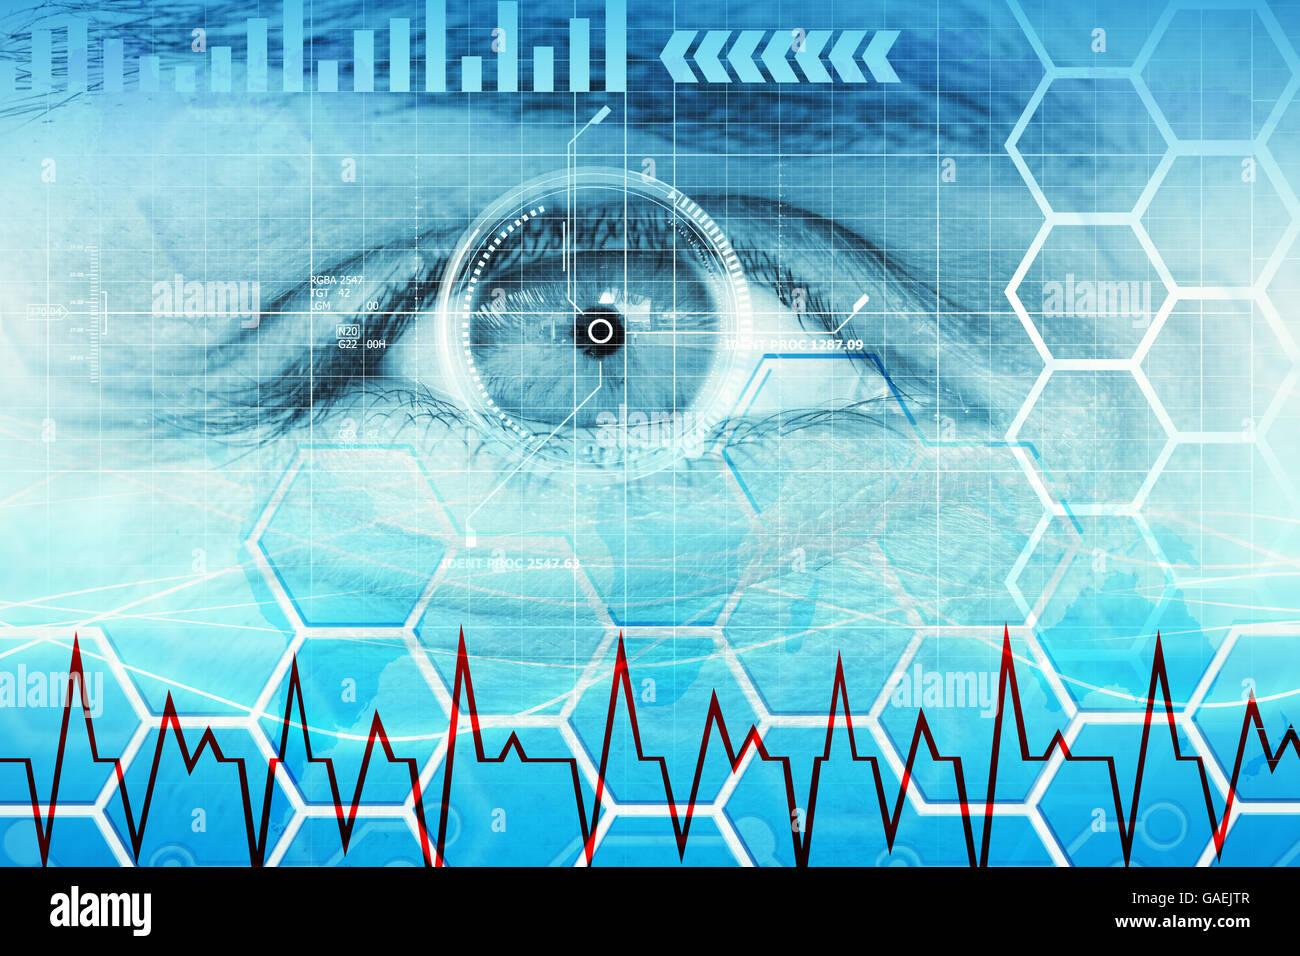 La salud y la biotecnología Imagen De Stock